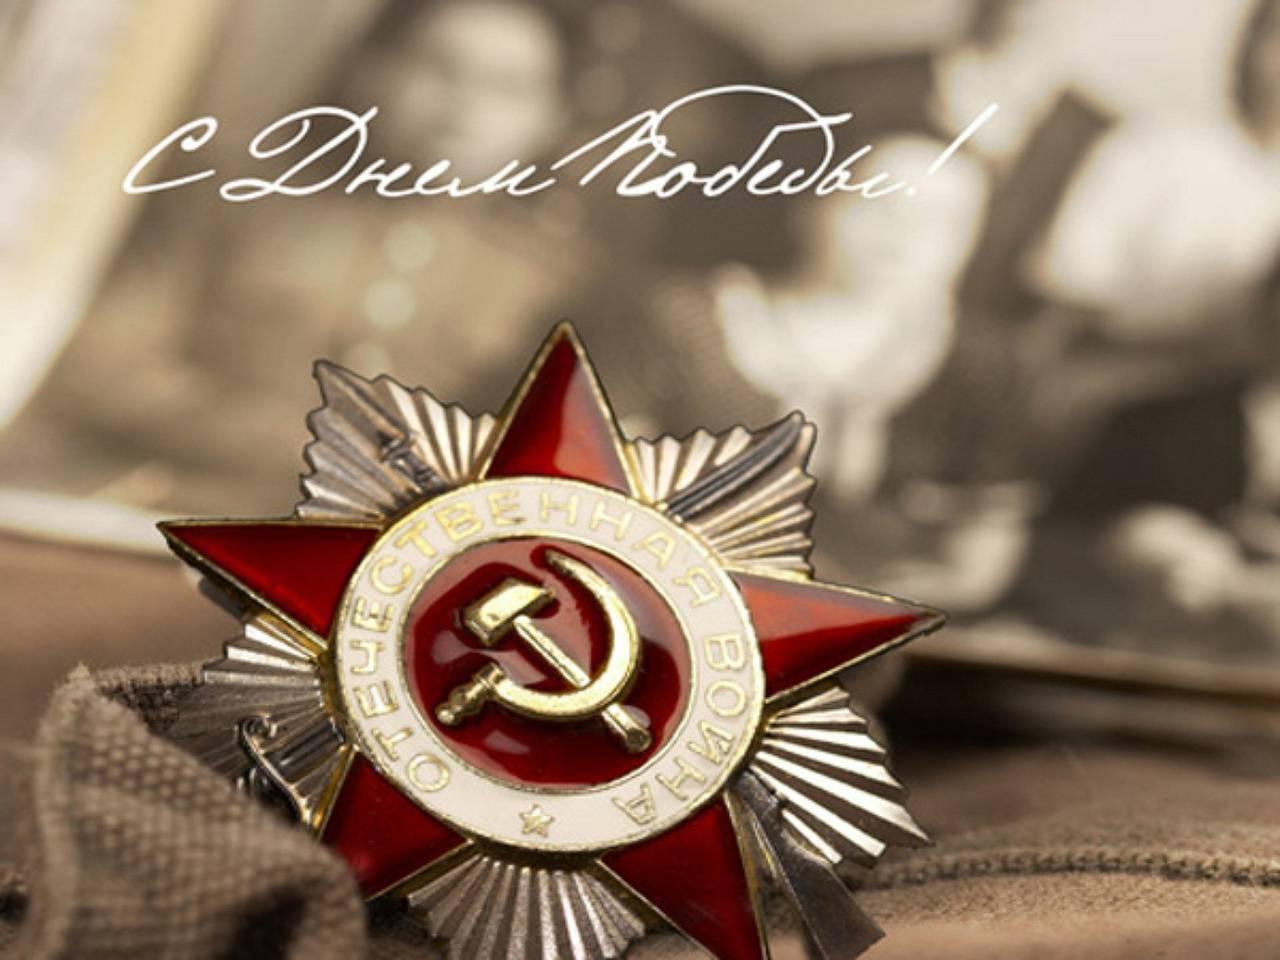 https://topwar.ru/uploads/posts/2012-05/1336530898_D0A1-D094D0BDD0B5D0BC-D09FD0BED0B1D0B5D0B4D18B.jpg